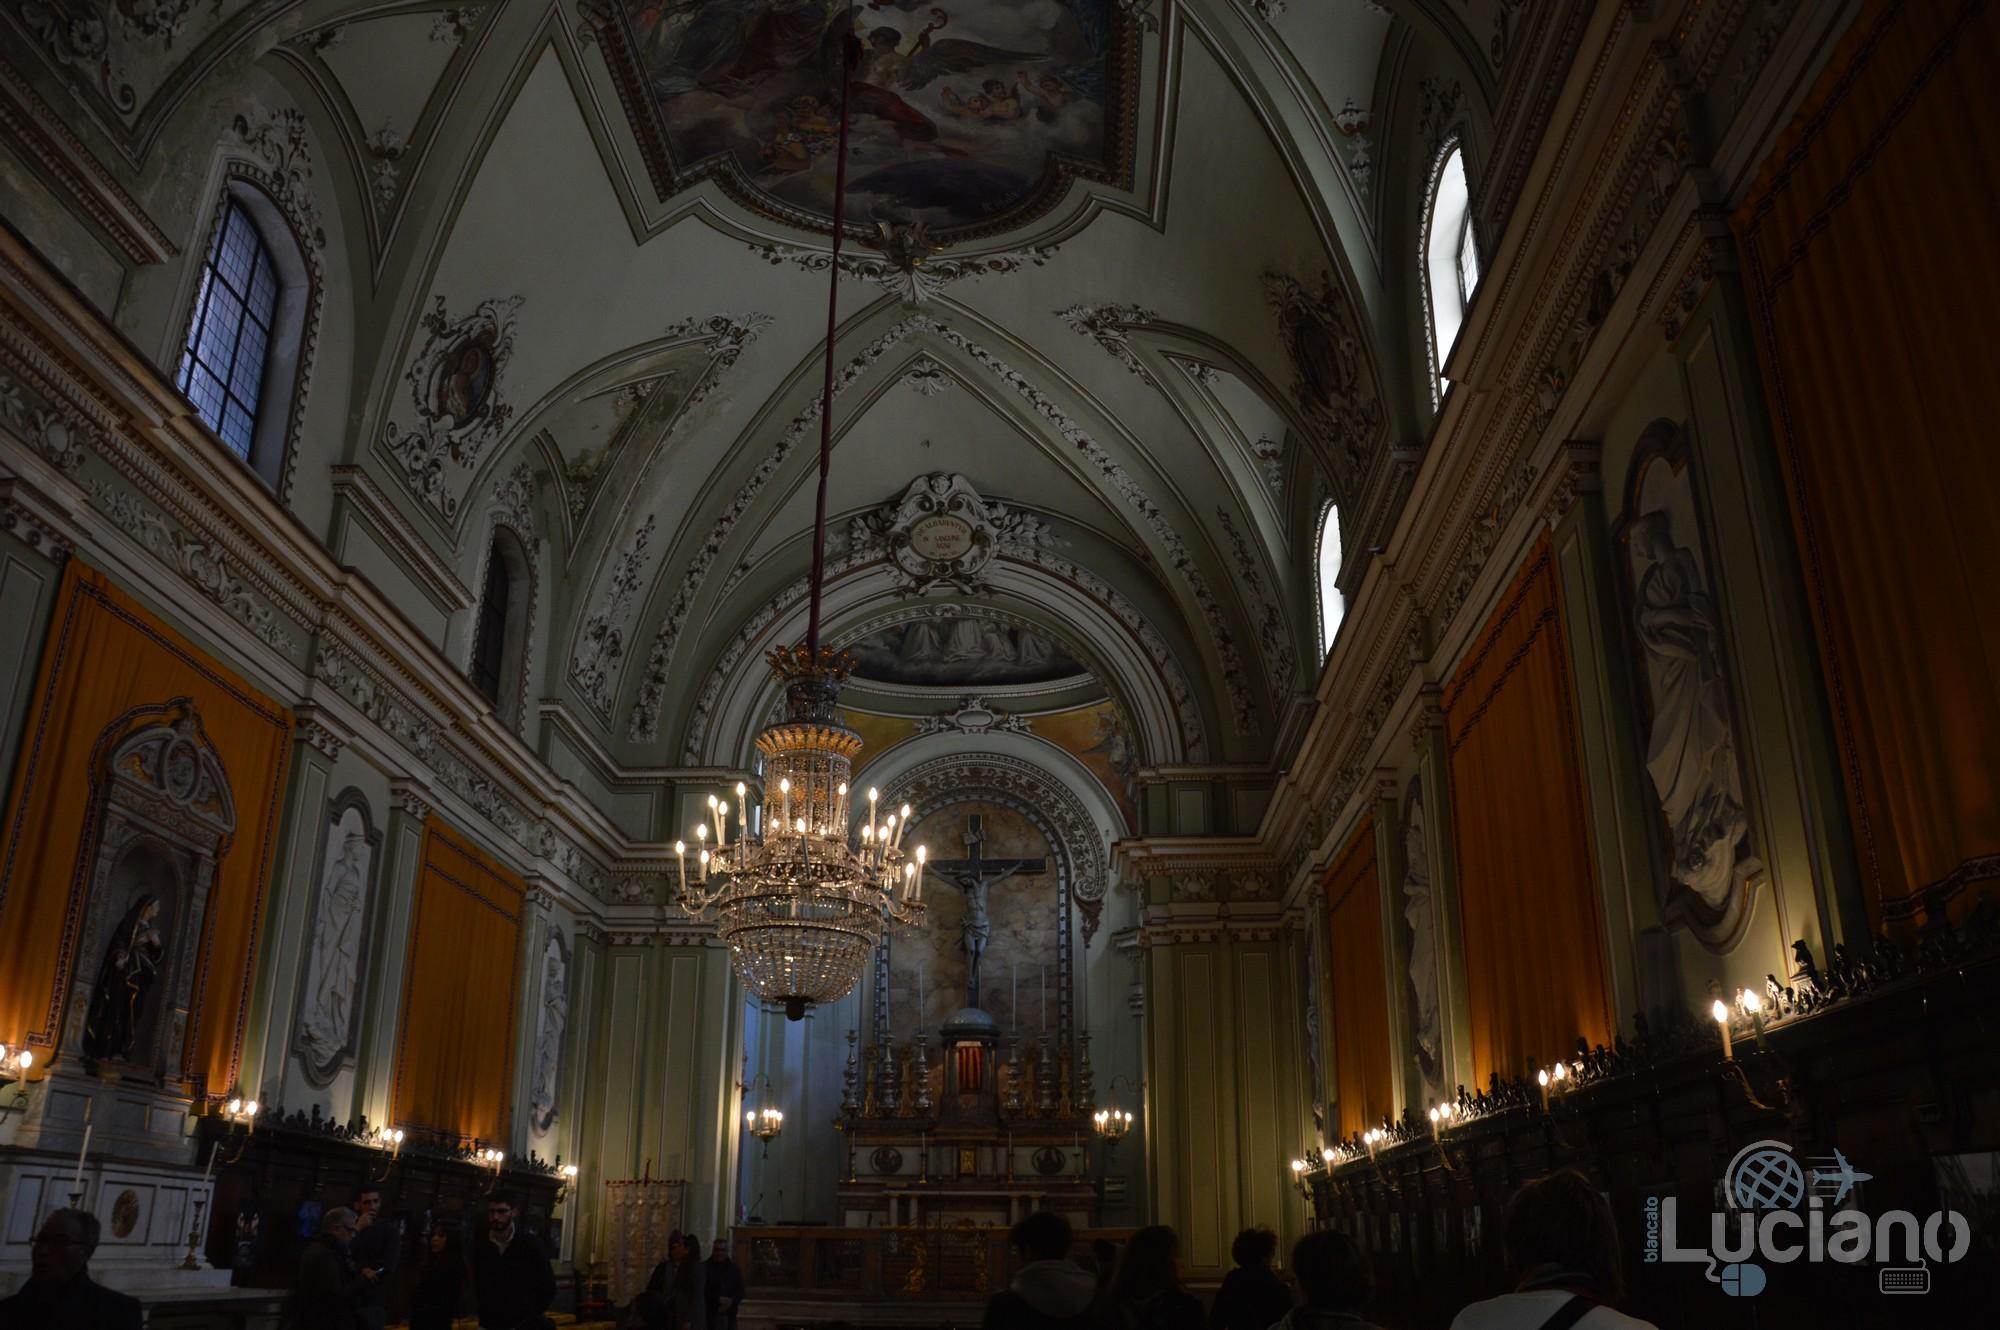 Interno della Chiesa di San Martino ai Bianchi, durante i festeggiamenti per Sant'Agata 2019 - Catania (CT)